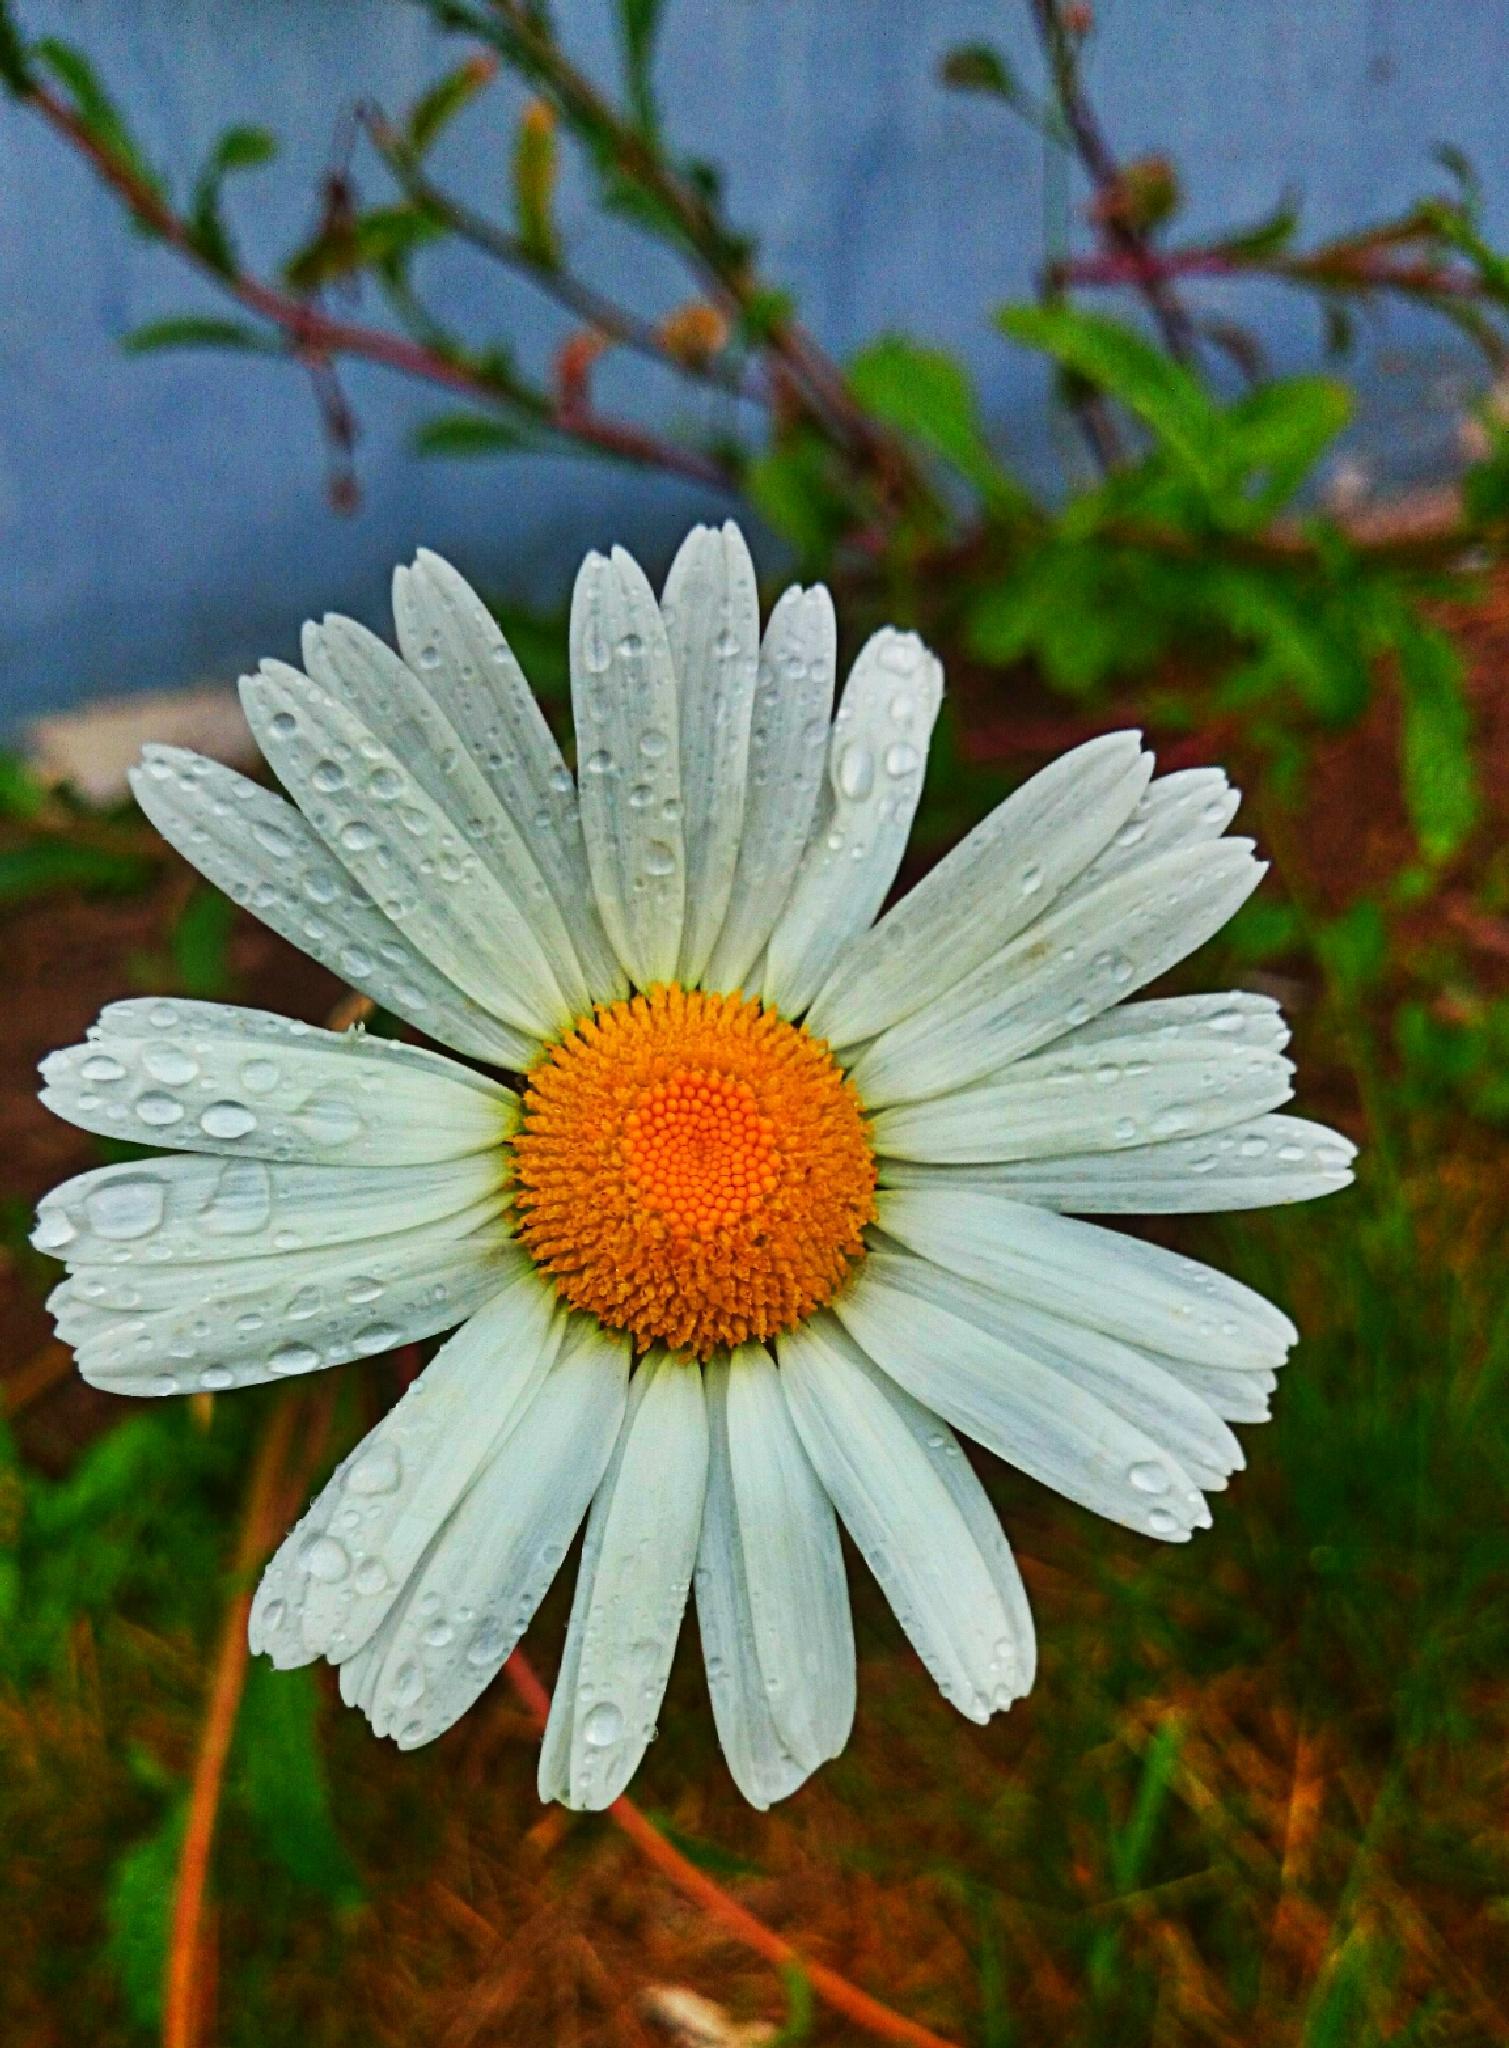 Daisy by Sherlina